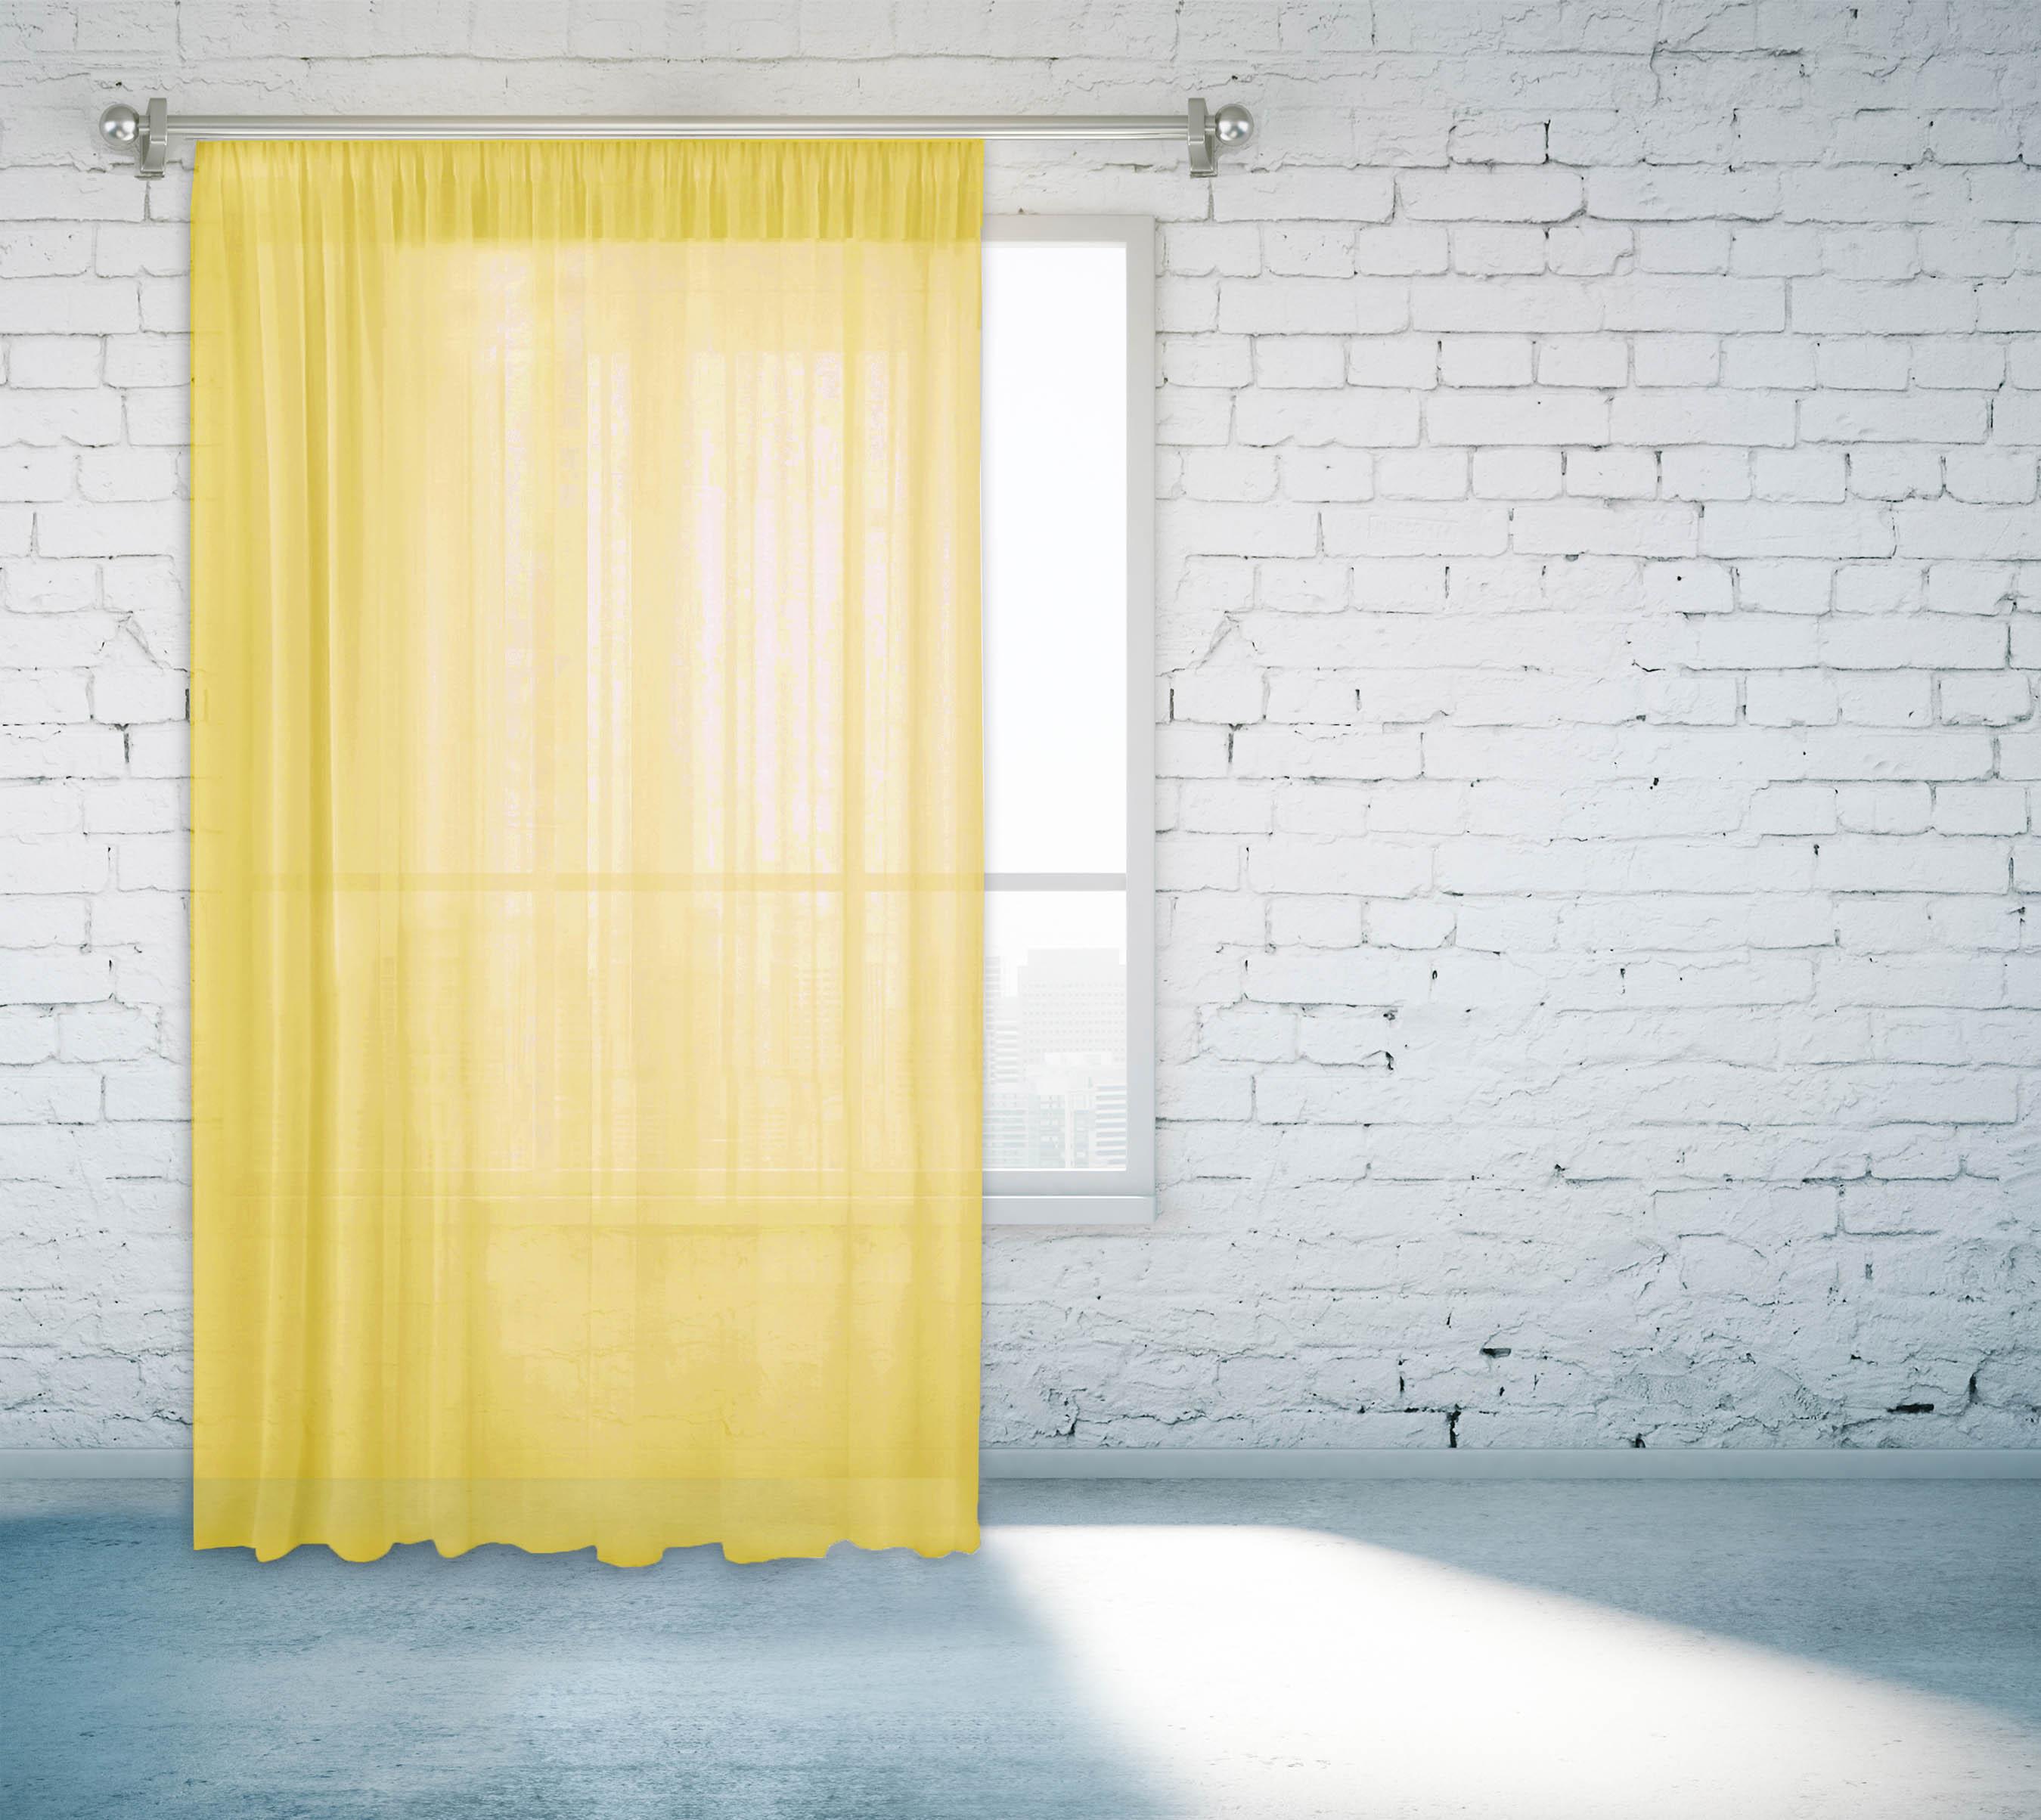 Шторы Zlata Korunka Классические шторы Amran Цвет: Светло-Желтый шторы tac классические шторы winx цвет персиковый 200x265 см